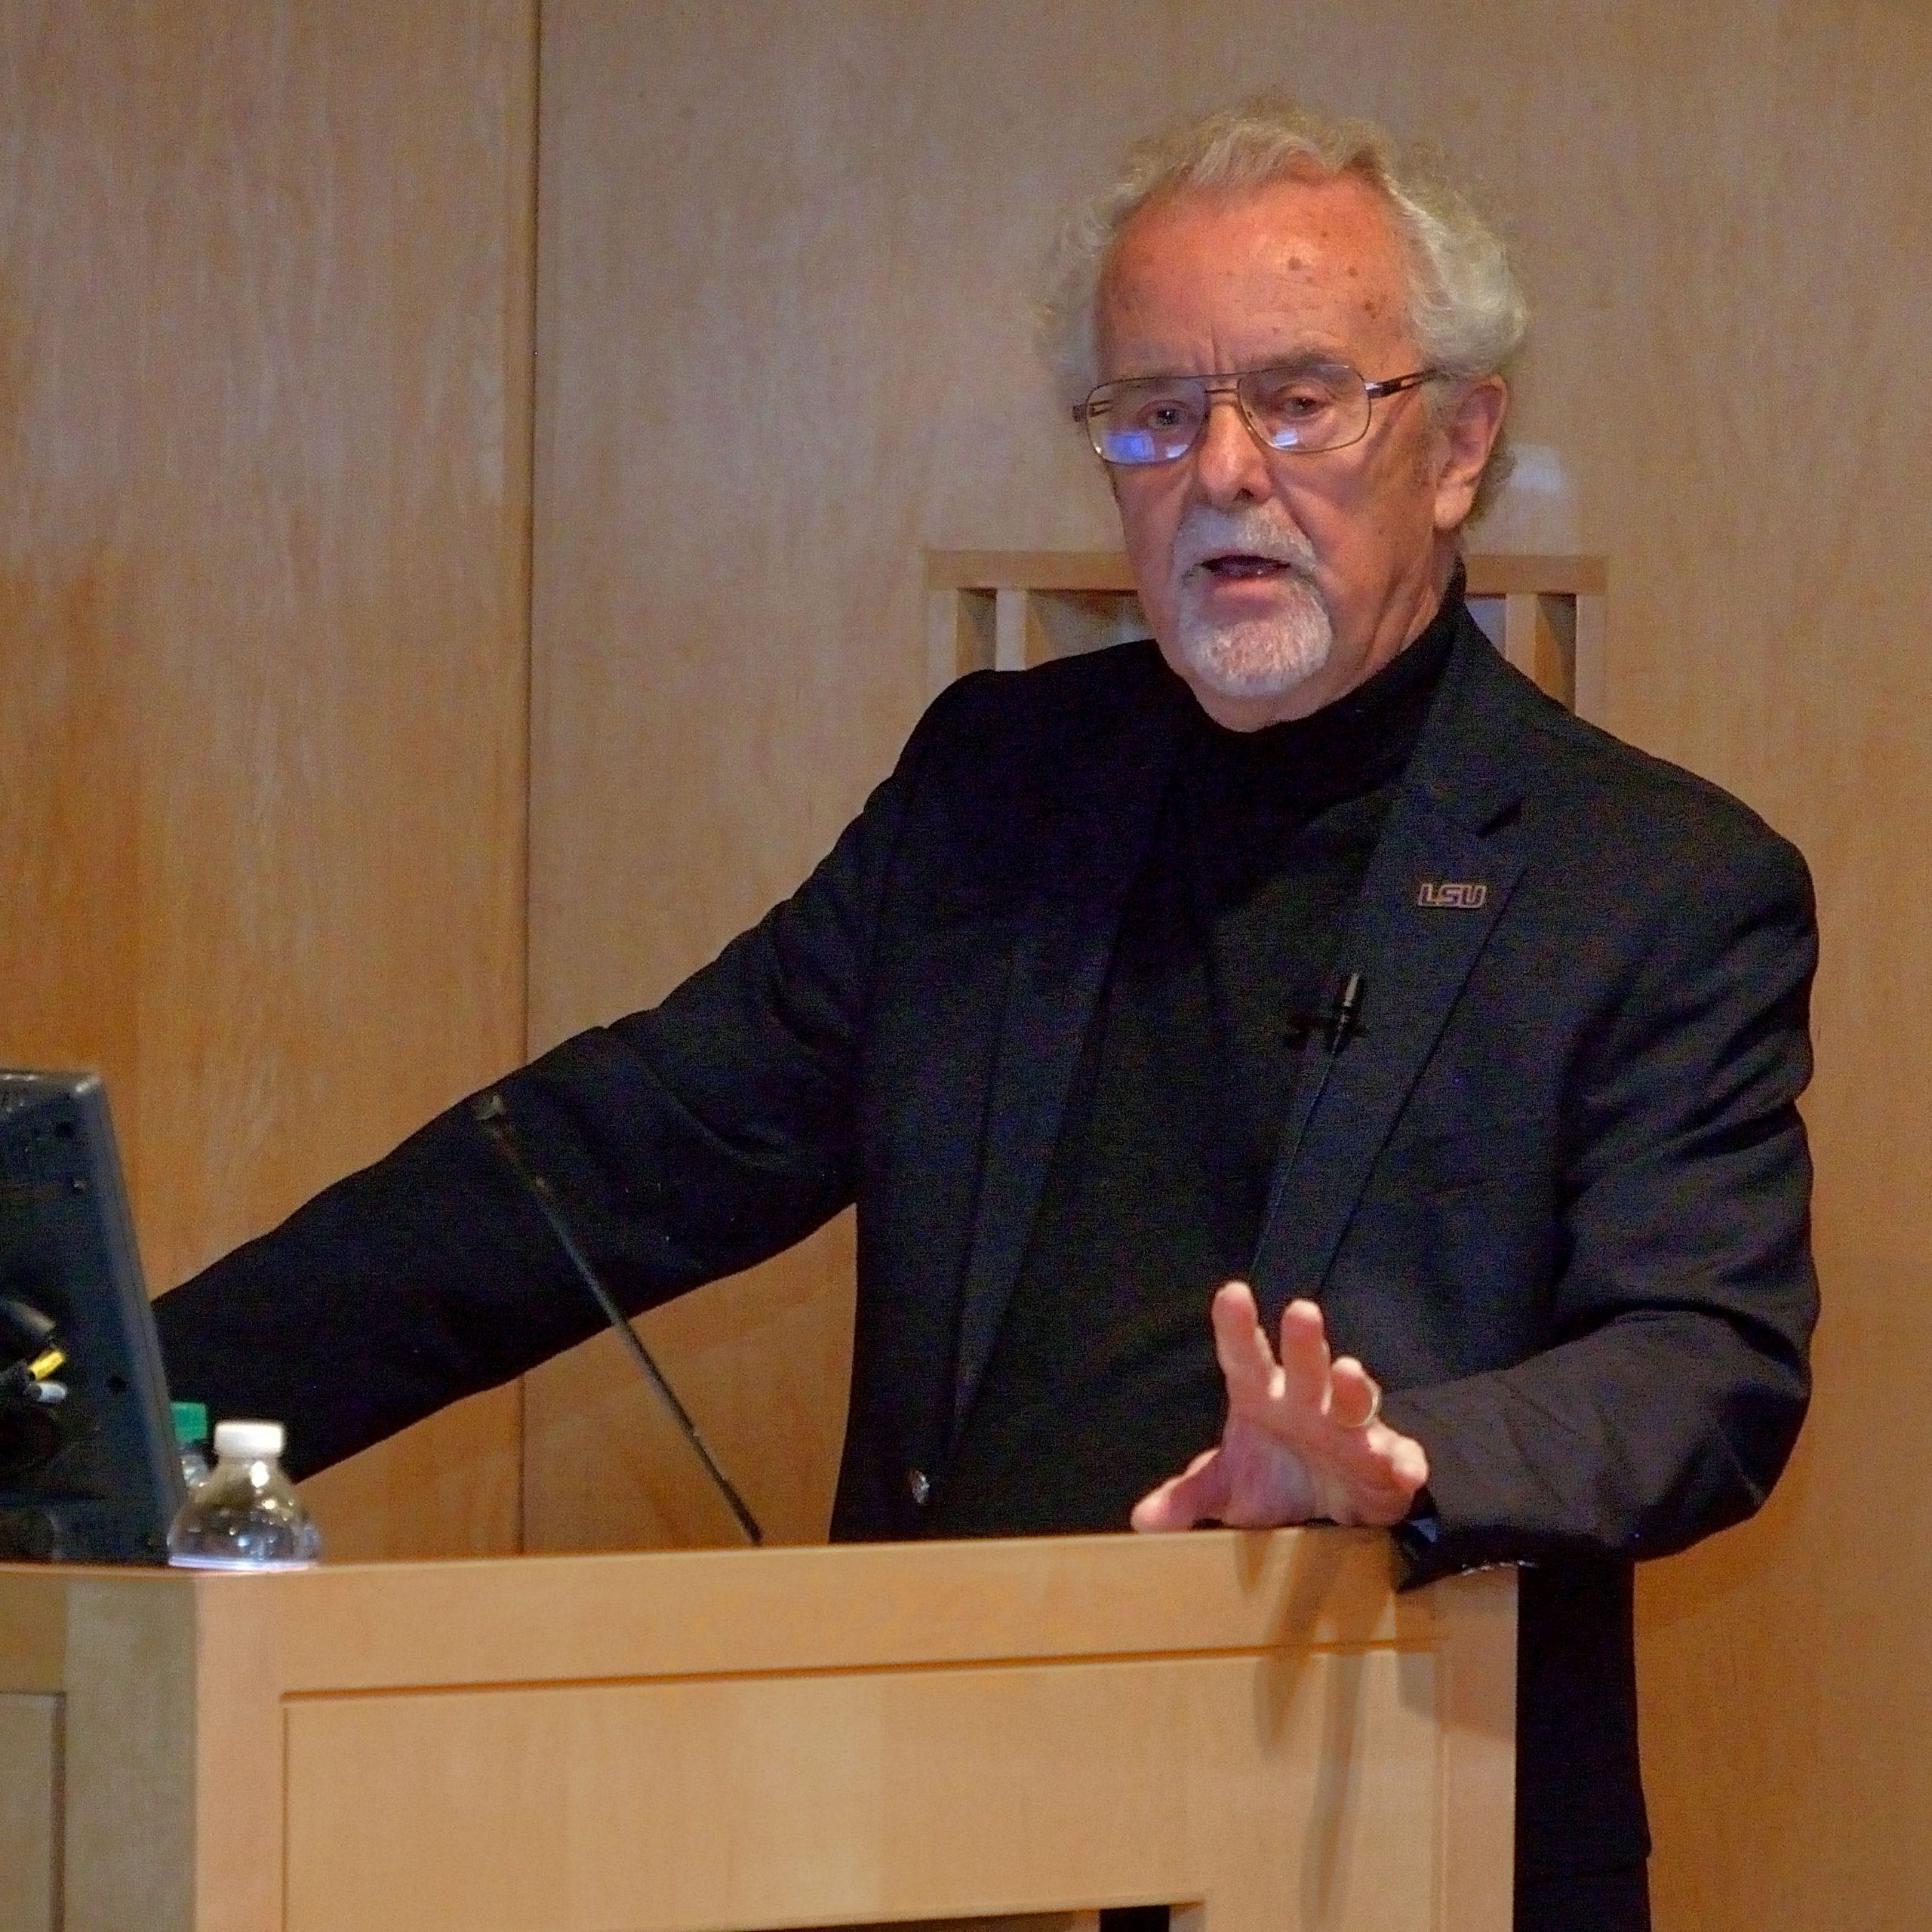 Professor E. Ward Plummer, 1940-2020